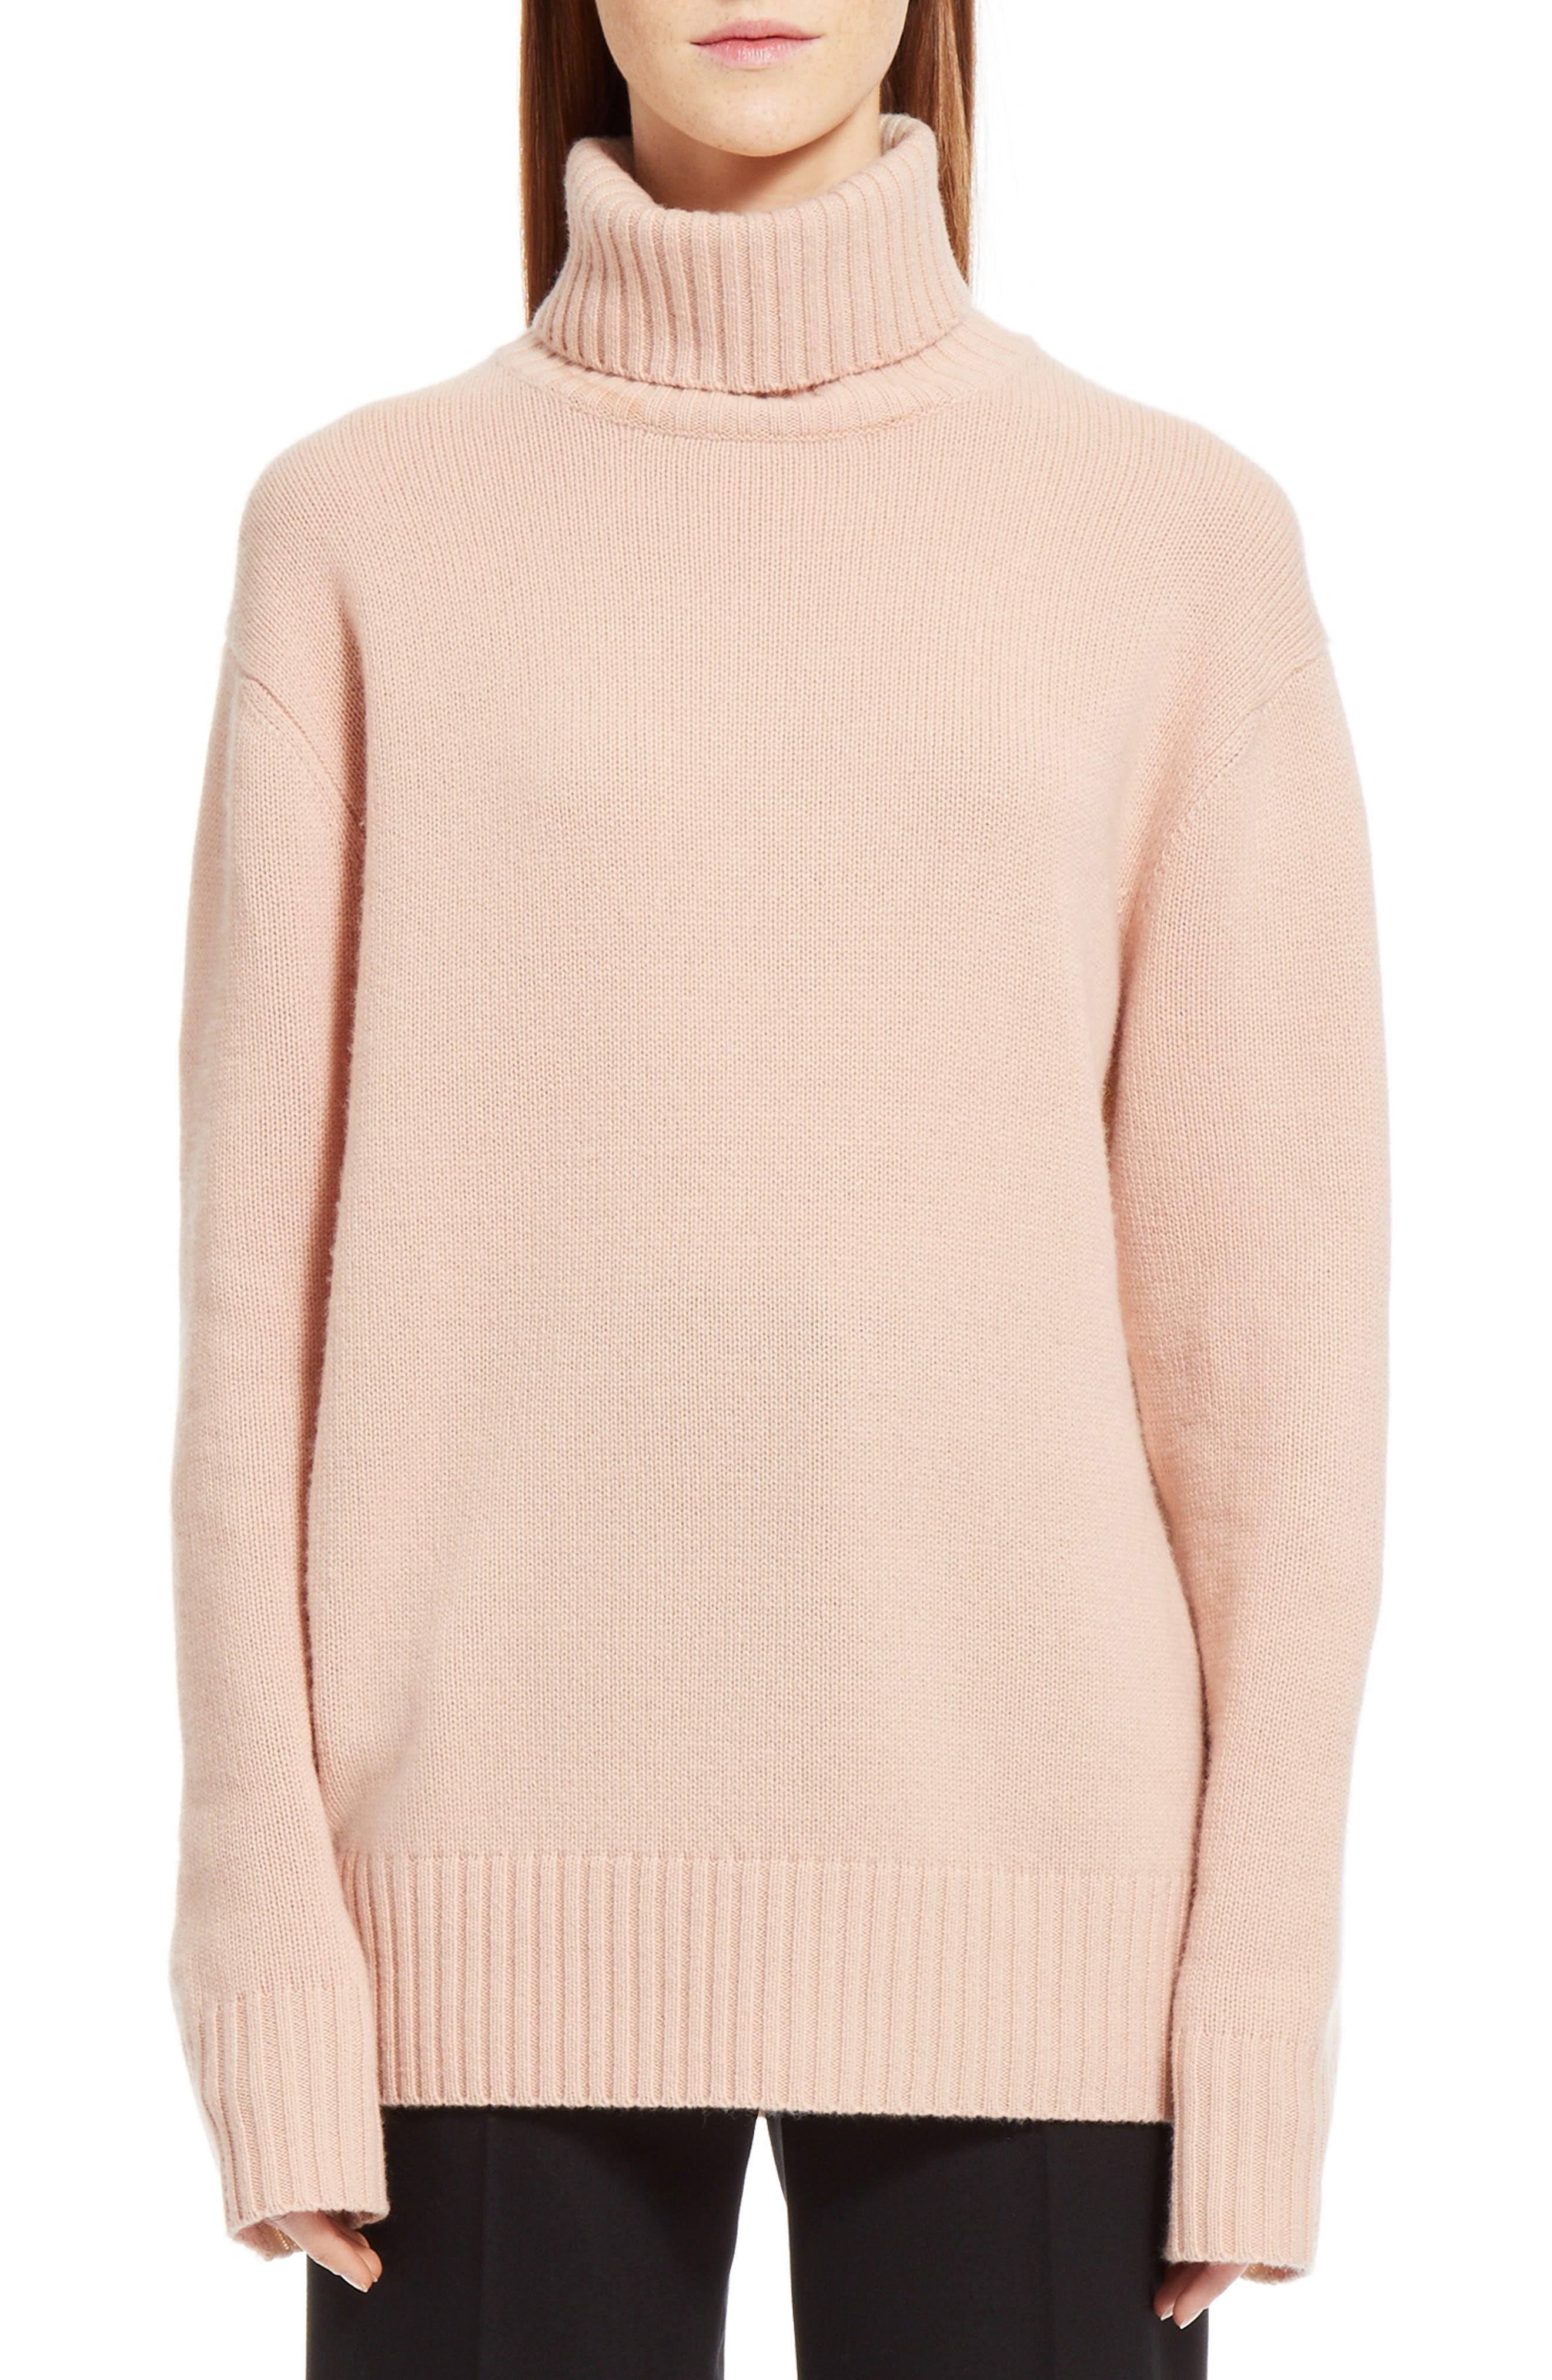 Colorblock Cashmere Turtleneck Sweater,                             Main thumbnail 1, color,                             650